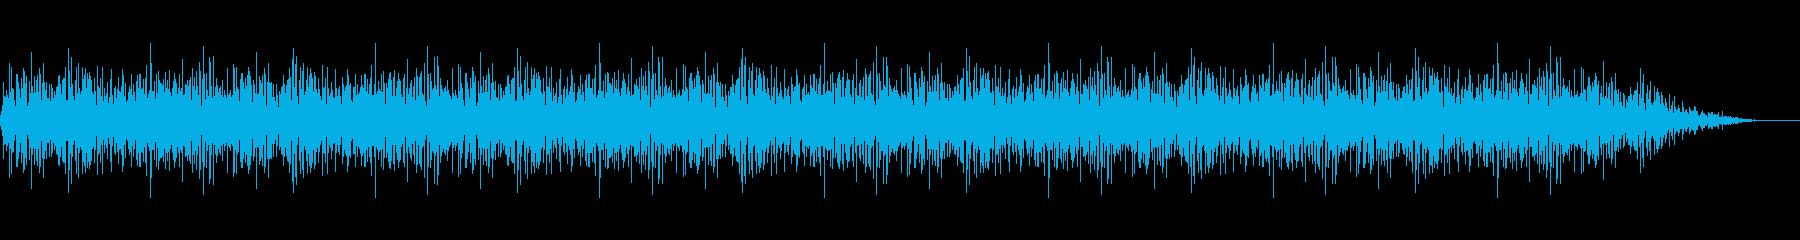 背景音 ホラー 15の再生済みの波形